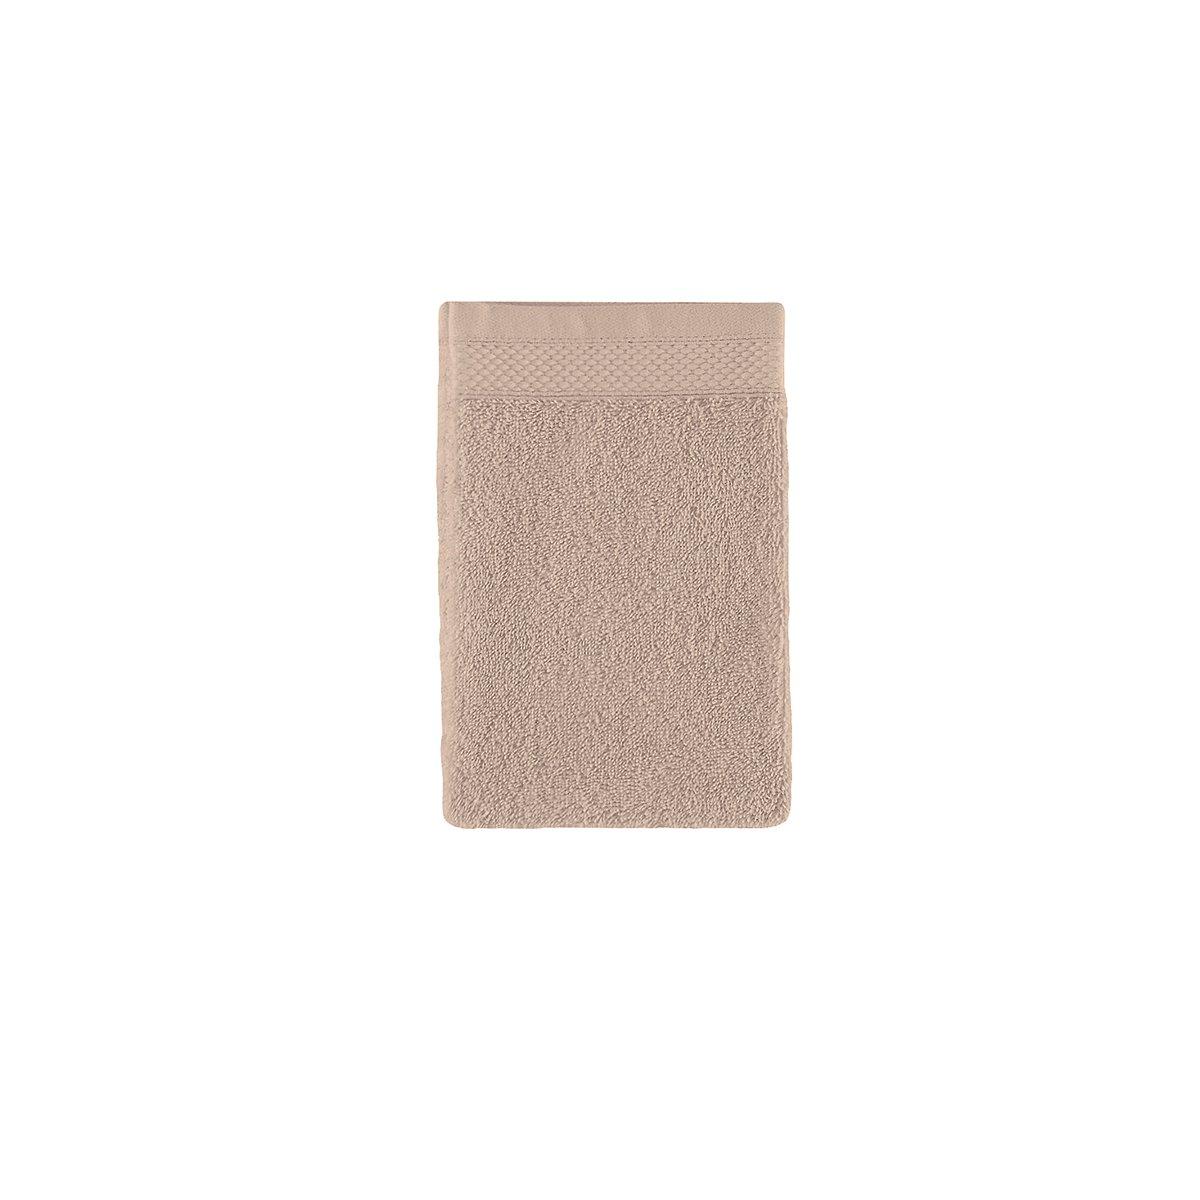 Gant de toilette coton 16x22 cm sureau